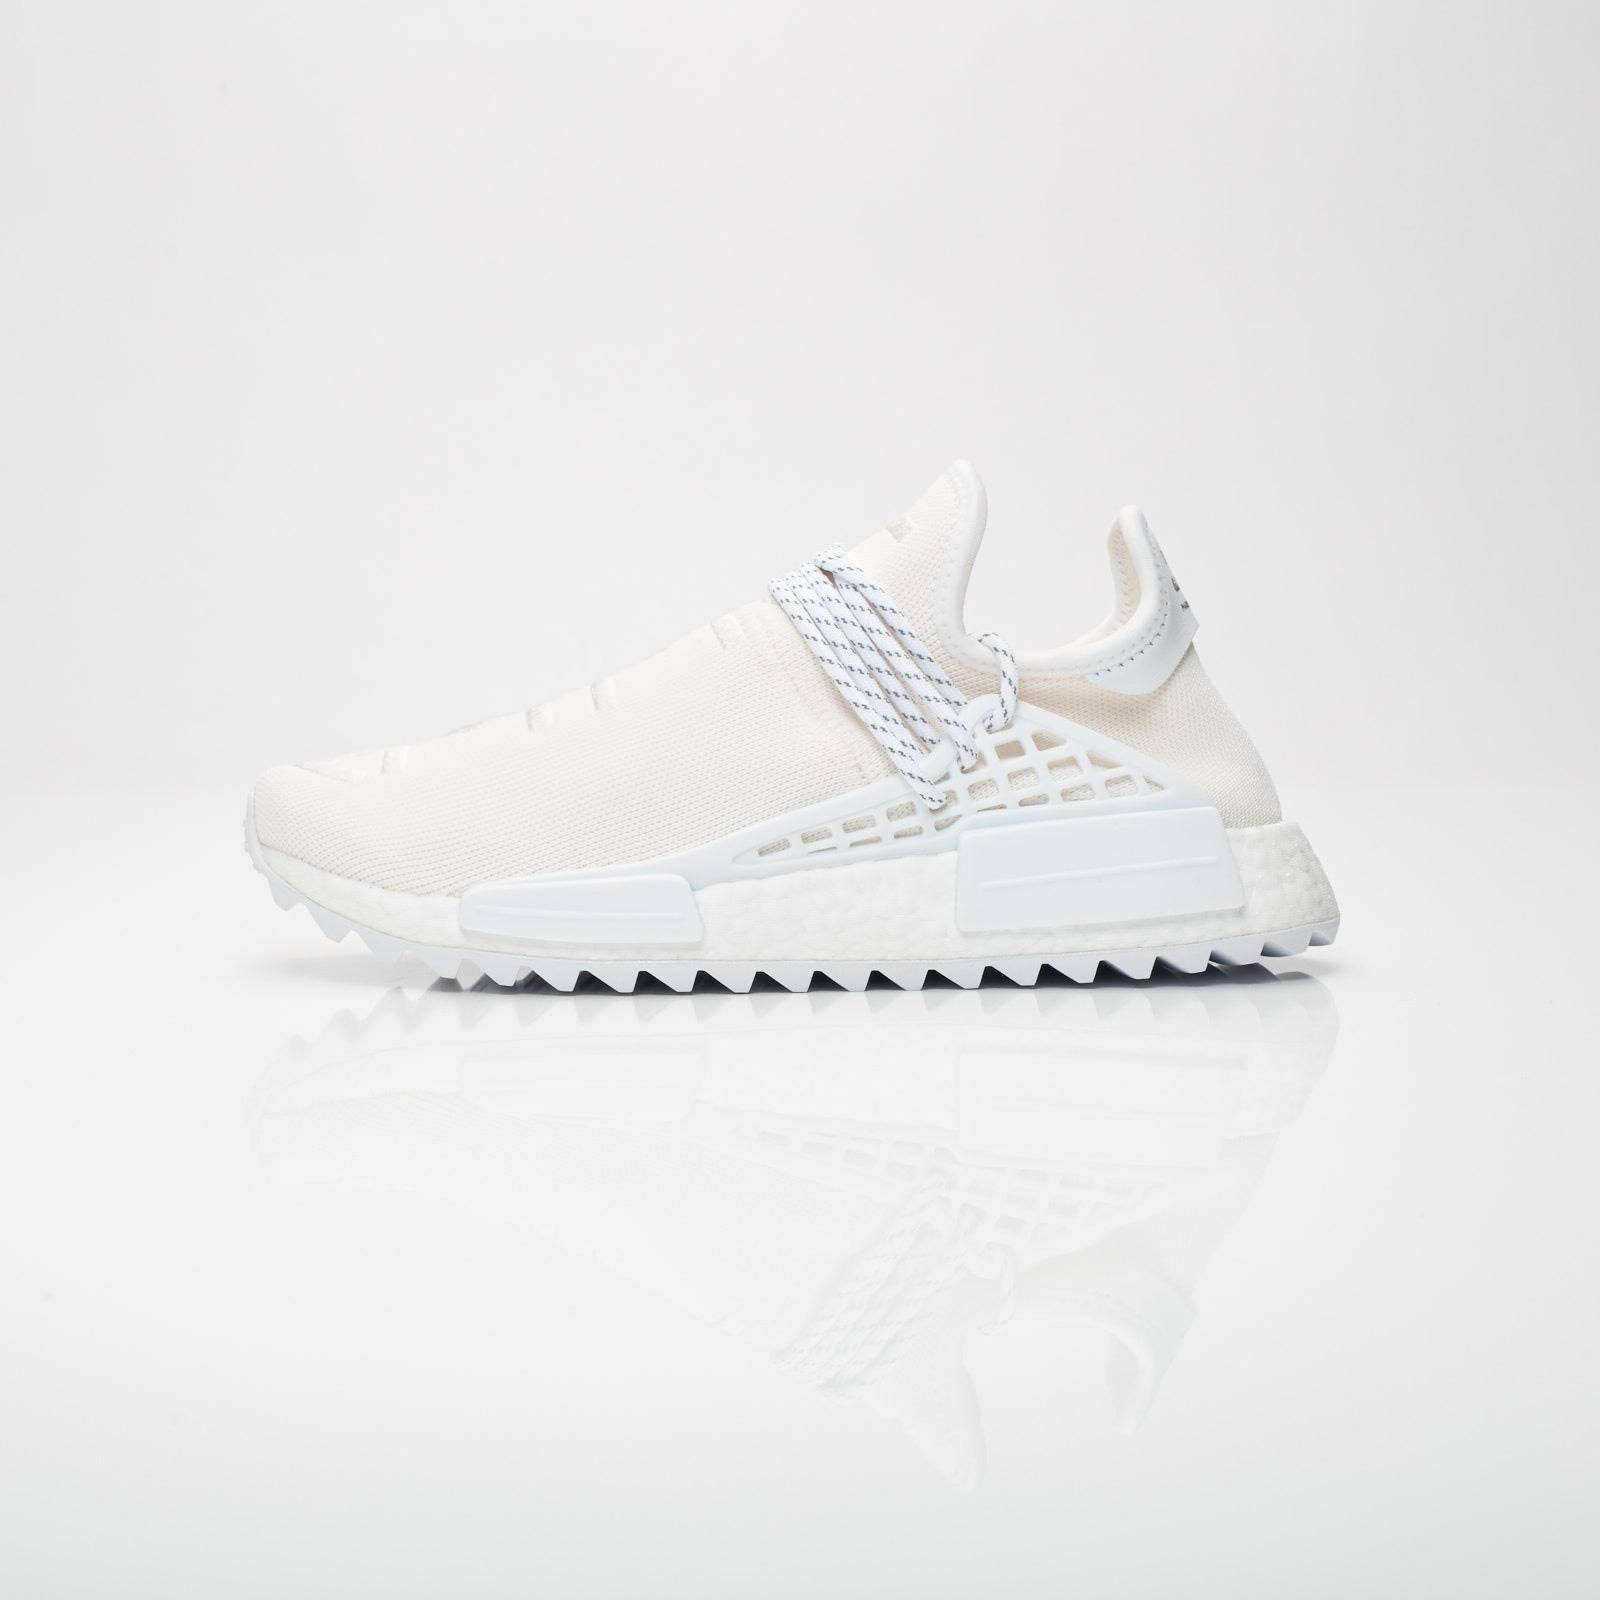 ... adidas Originals Pharrell Williams HU Holi NMD Trail BC ... 5d238d4c78